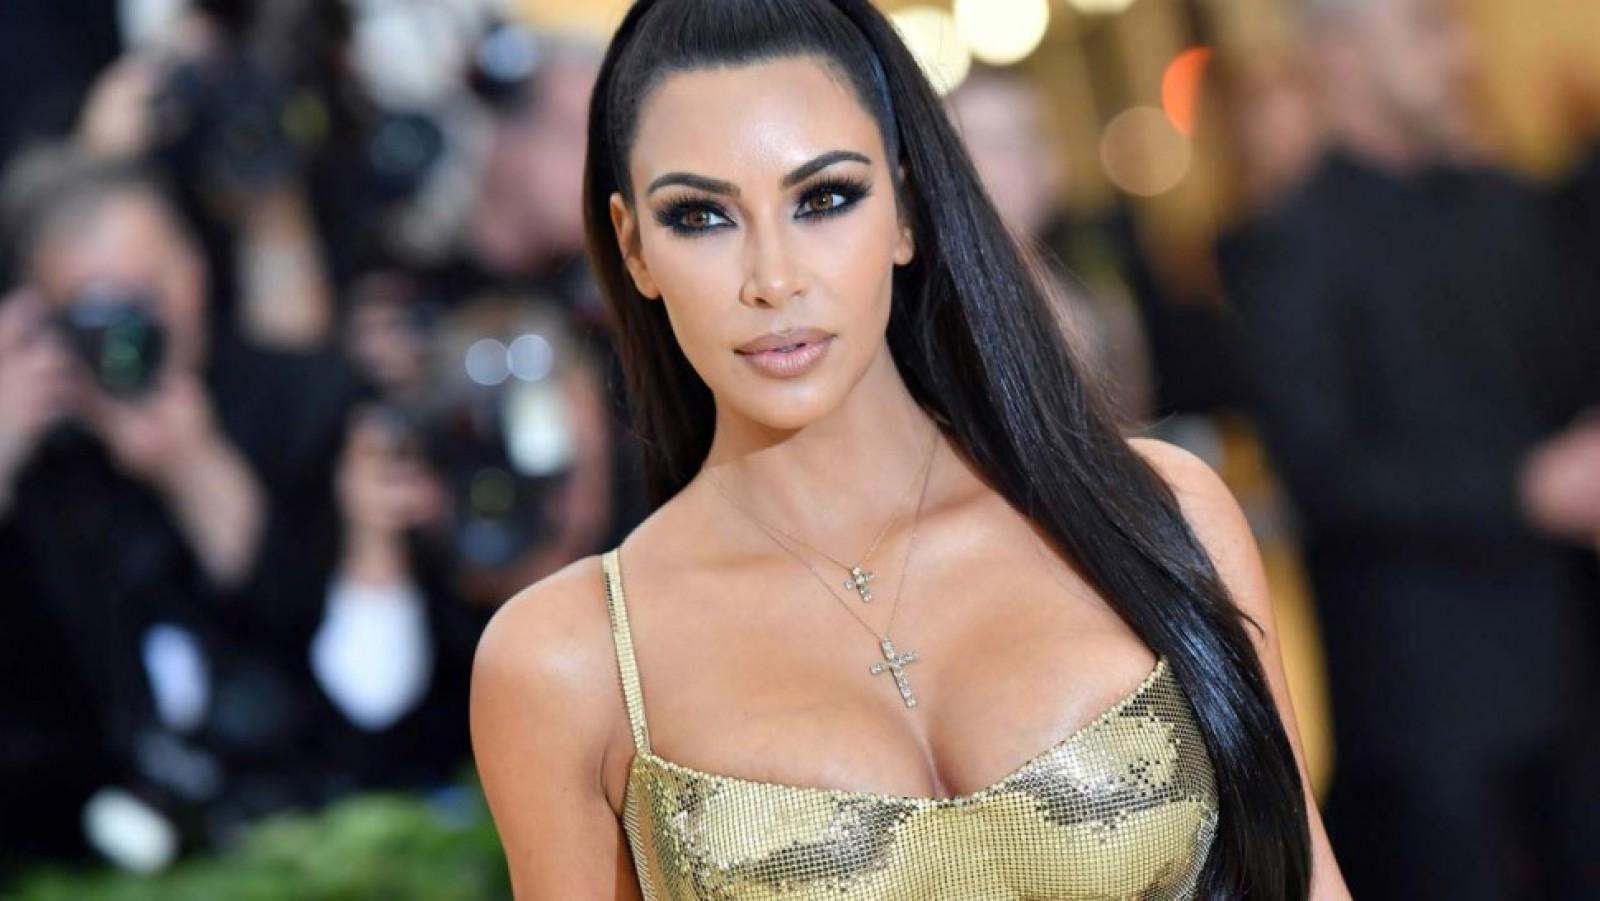 Fotografia cu care Kim Kardashian a câștigat cinci milioane de dolari în doar cinci minute